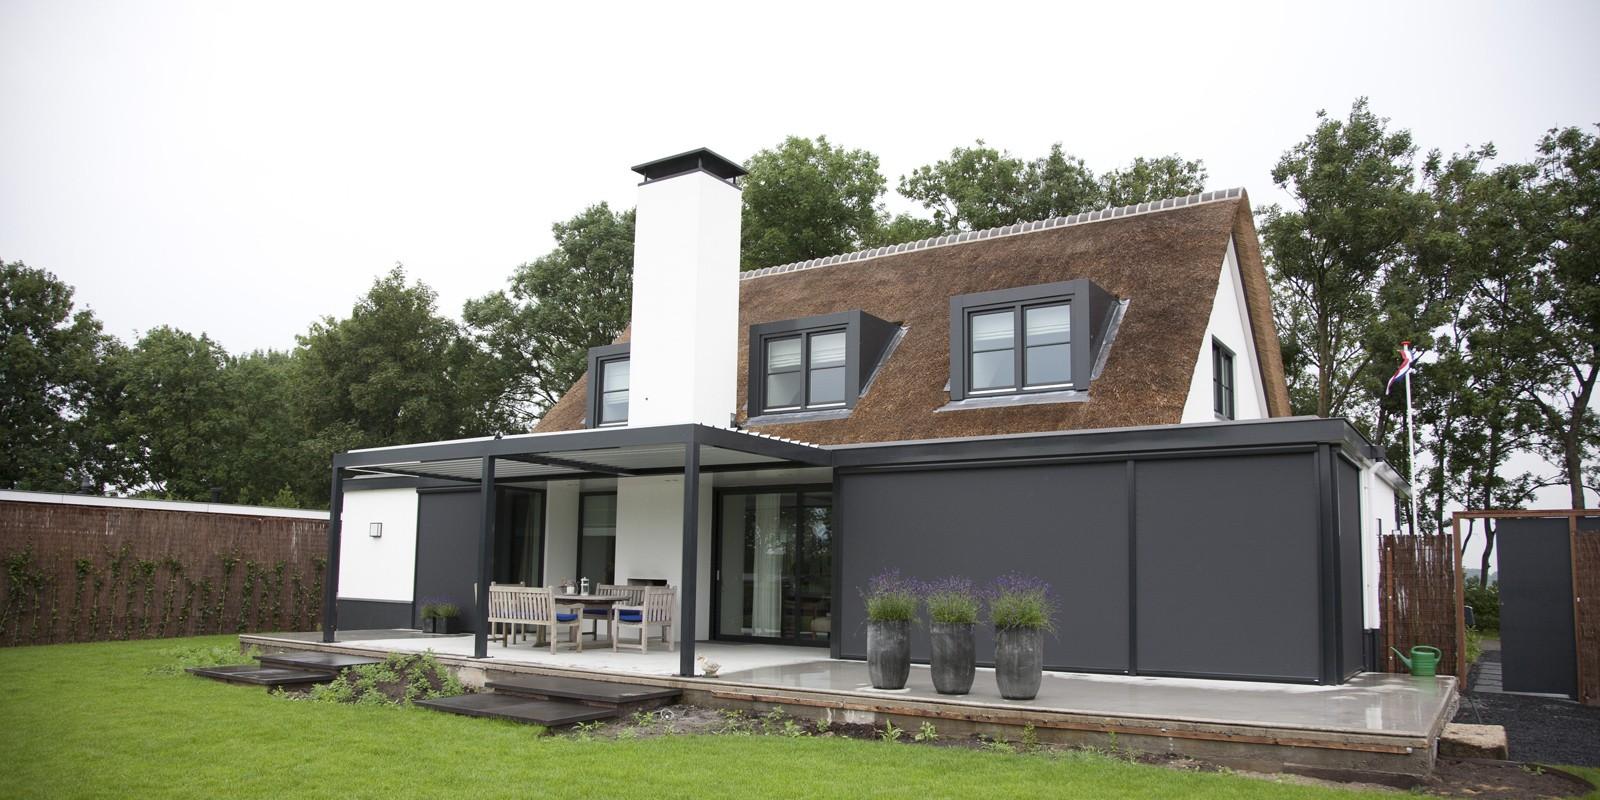 Stijlvol een lamellen overkapping voor terras of tuin nieuws startpagina voor tuin idee n - Terras eigentijds huis ...